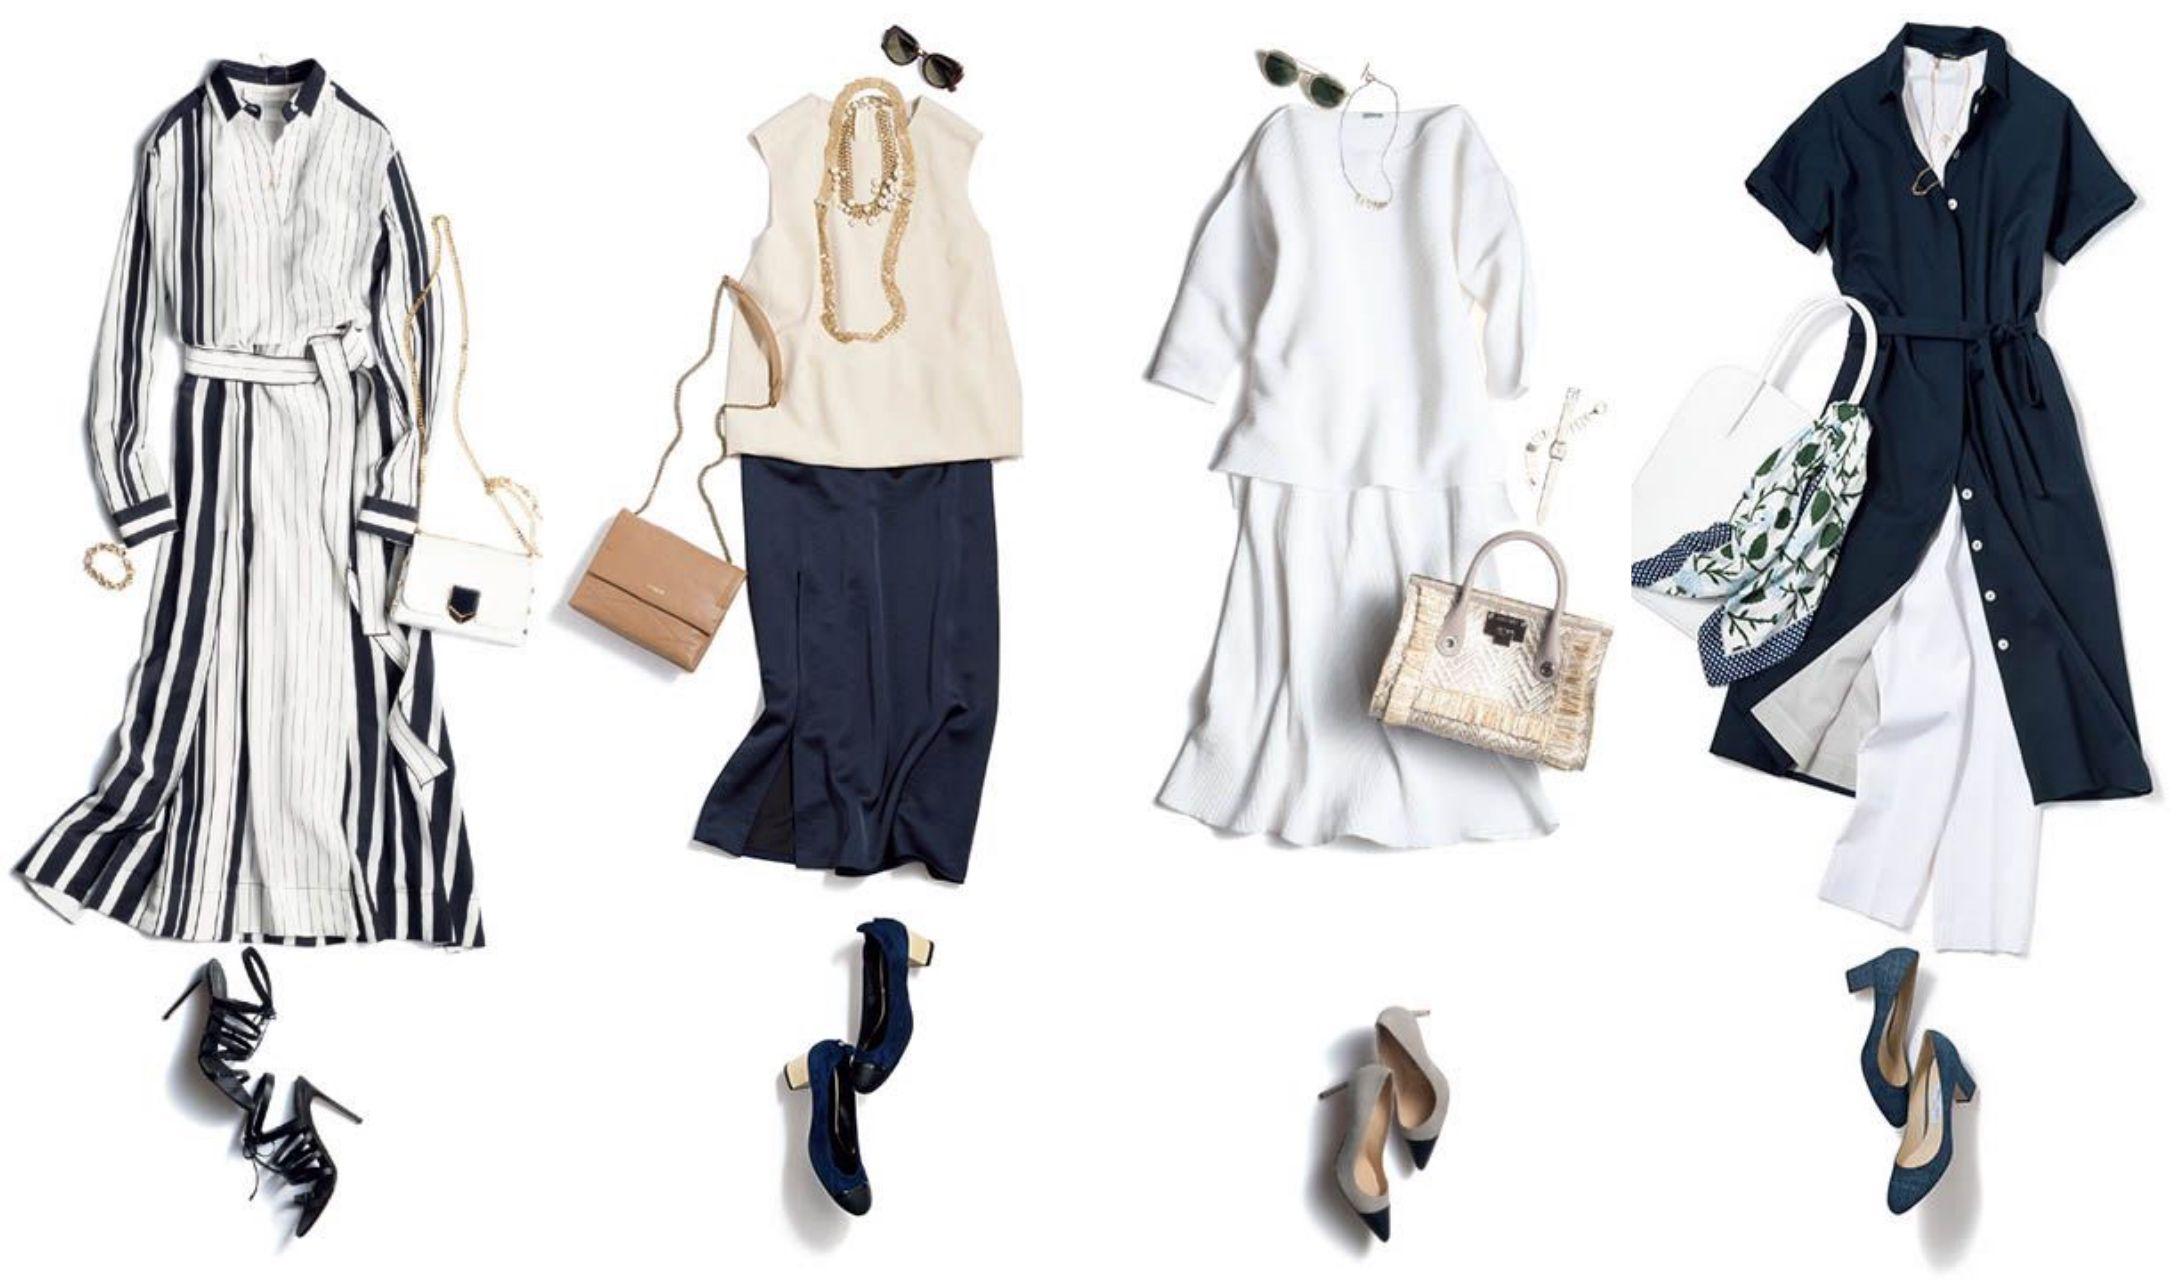 パンツやスカート、ワンピースなど、夏のさまざまな着こなし